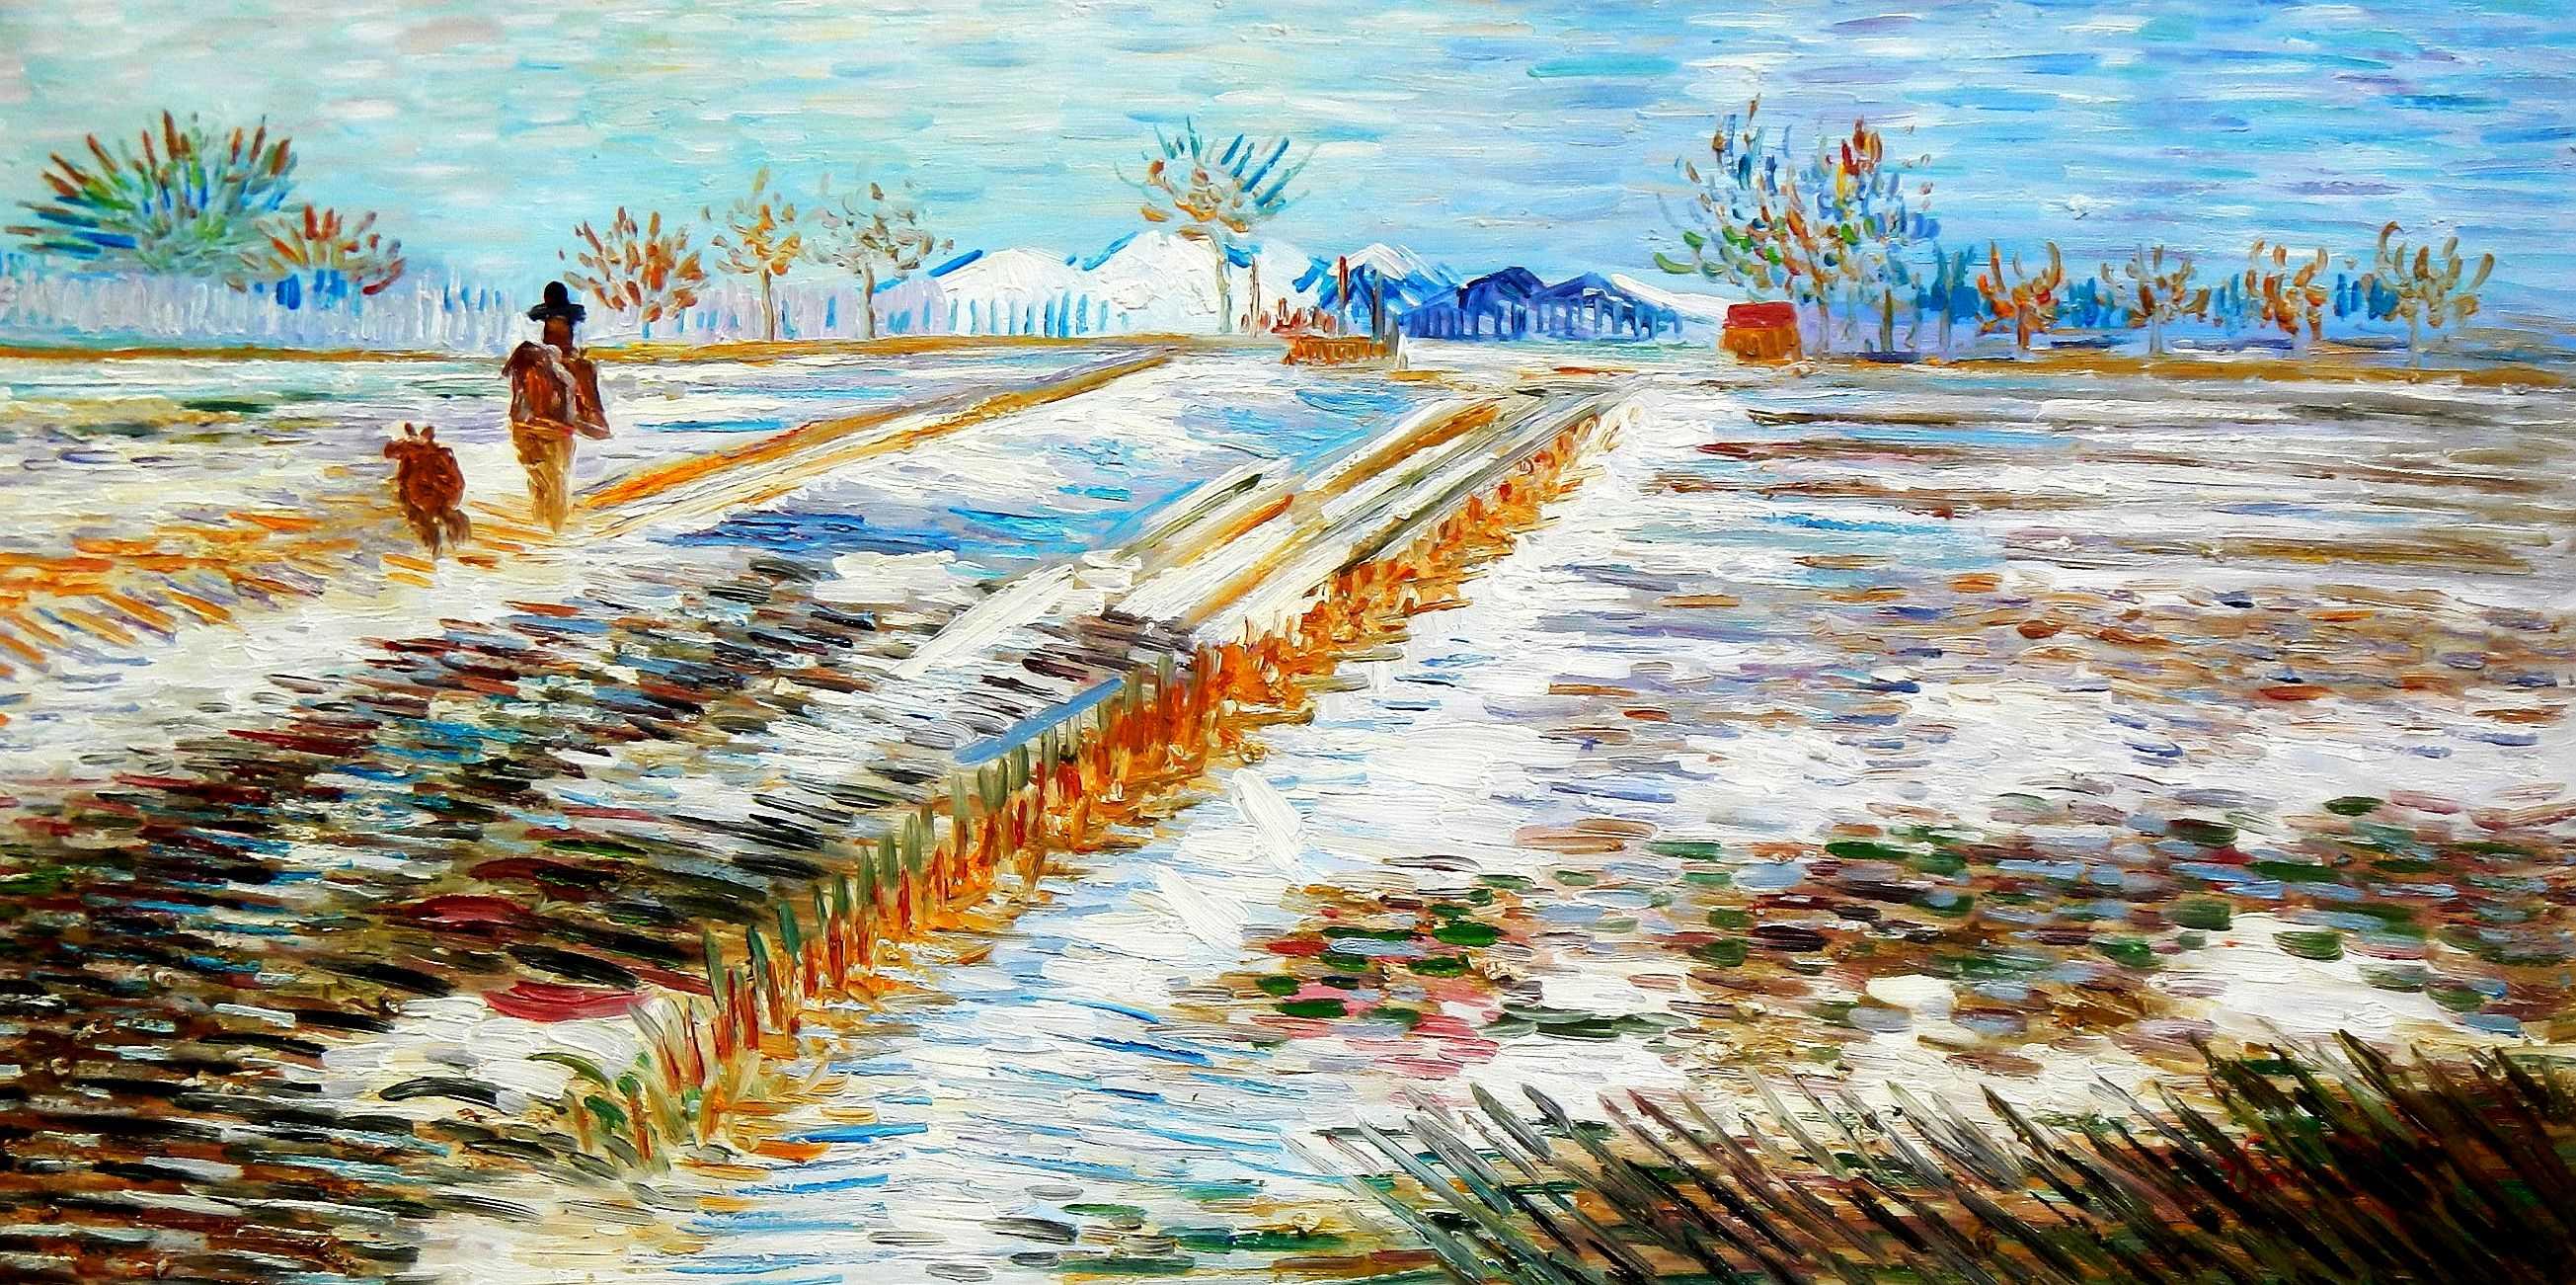 Vincent van Gogh - Landschaft mit Schnee f95859 60x120cm Ölbild handgemalt